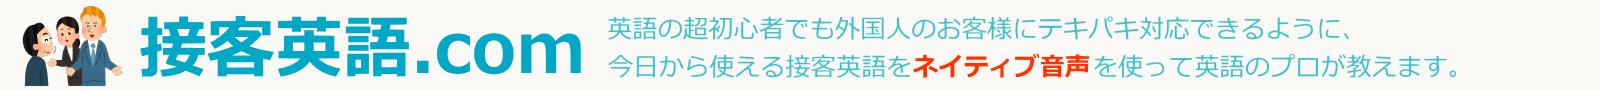 接客英語.com